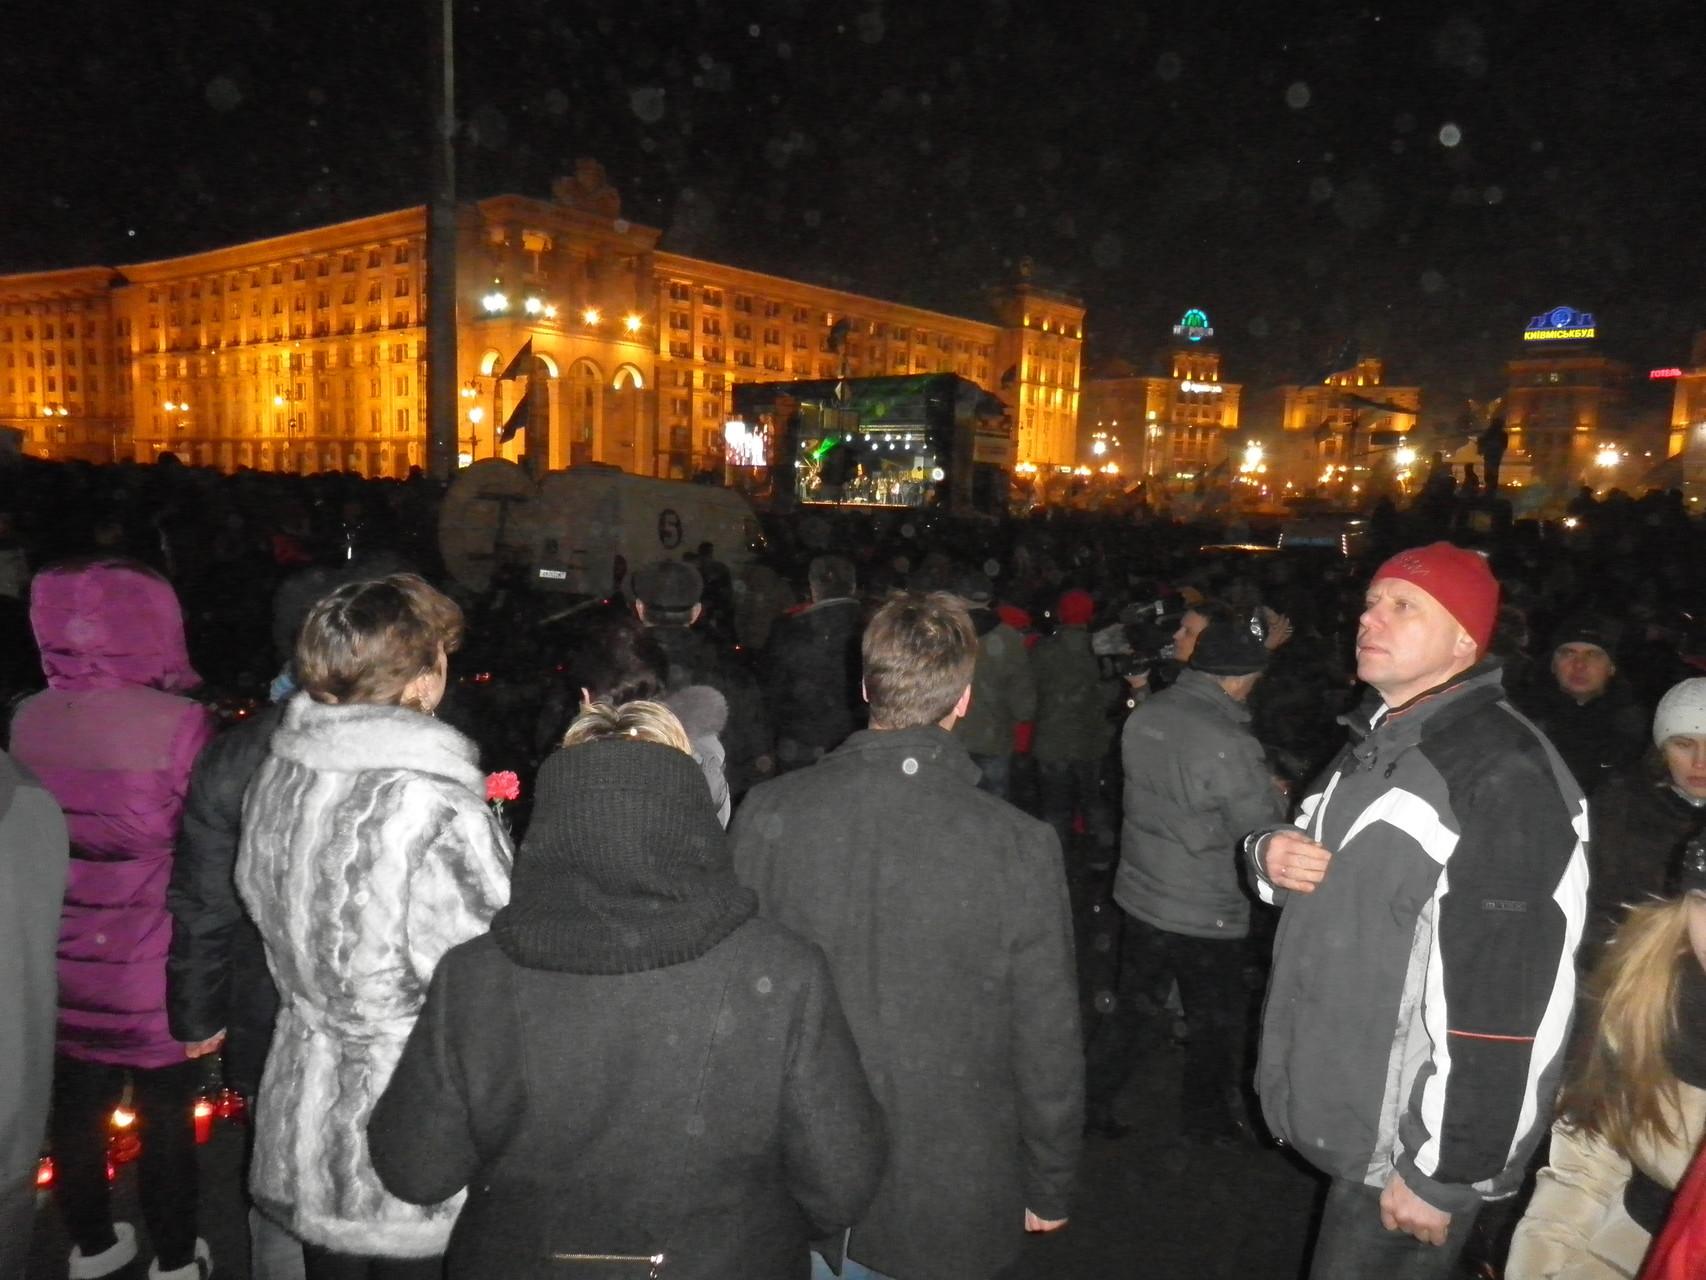 Wir sind in Gedanken bei den Freunden, Familien der Opfer auf dem Maidan 26.02.2014